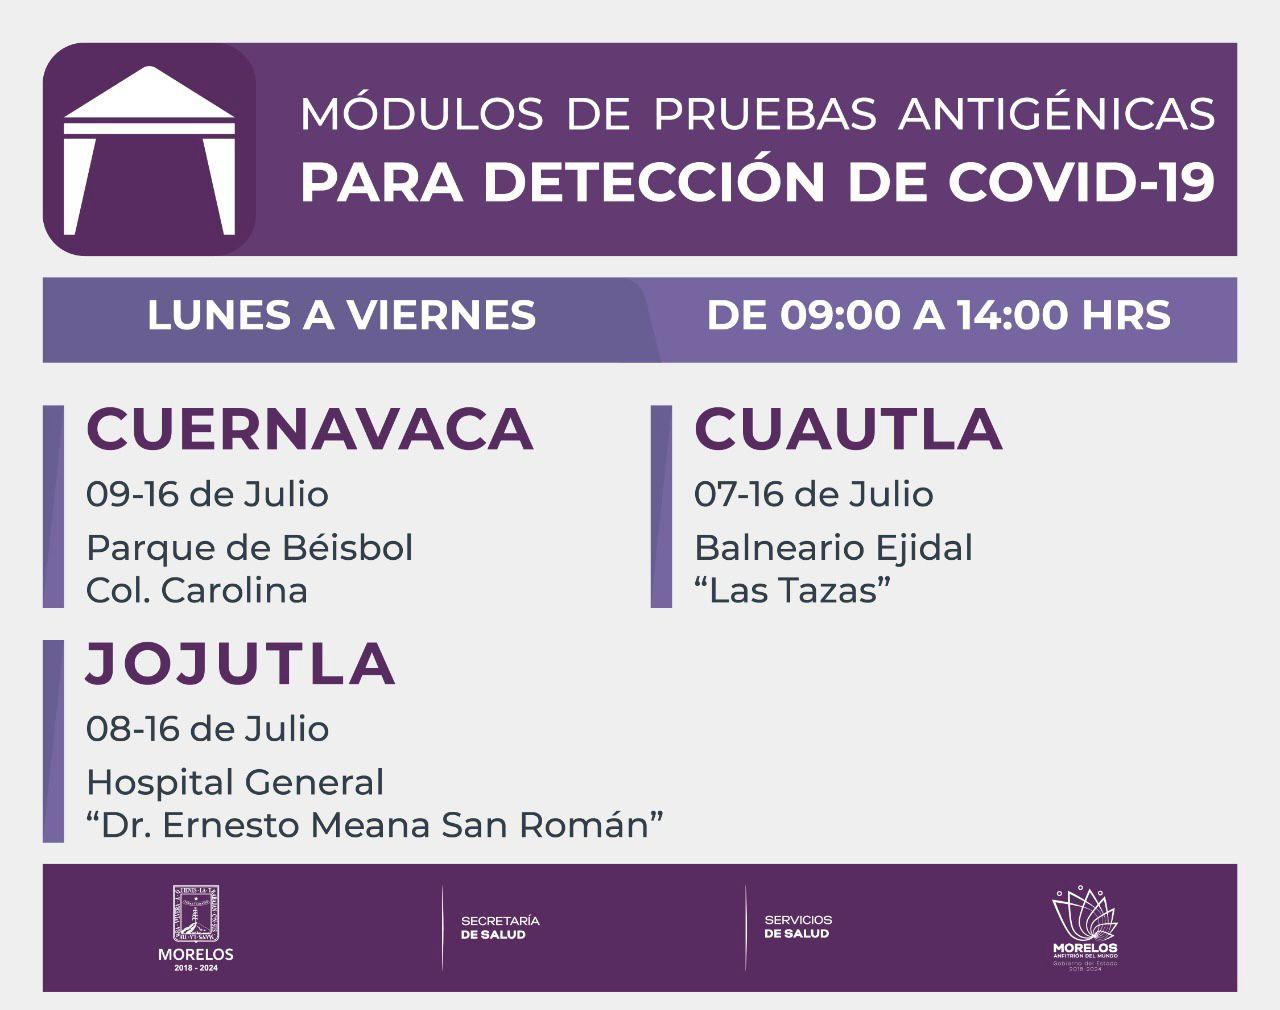 Pruebas antigenicas covid-19 morelos